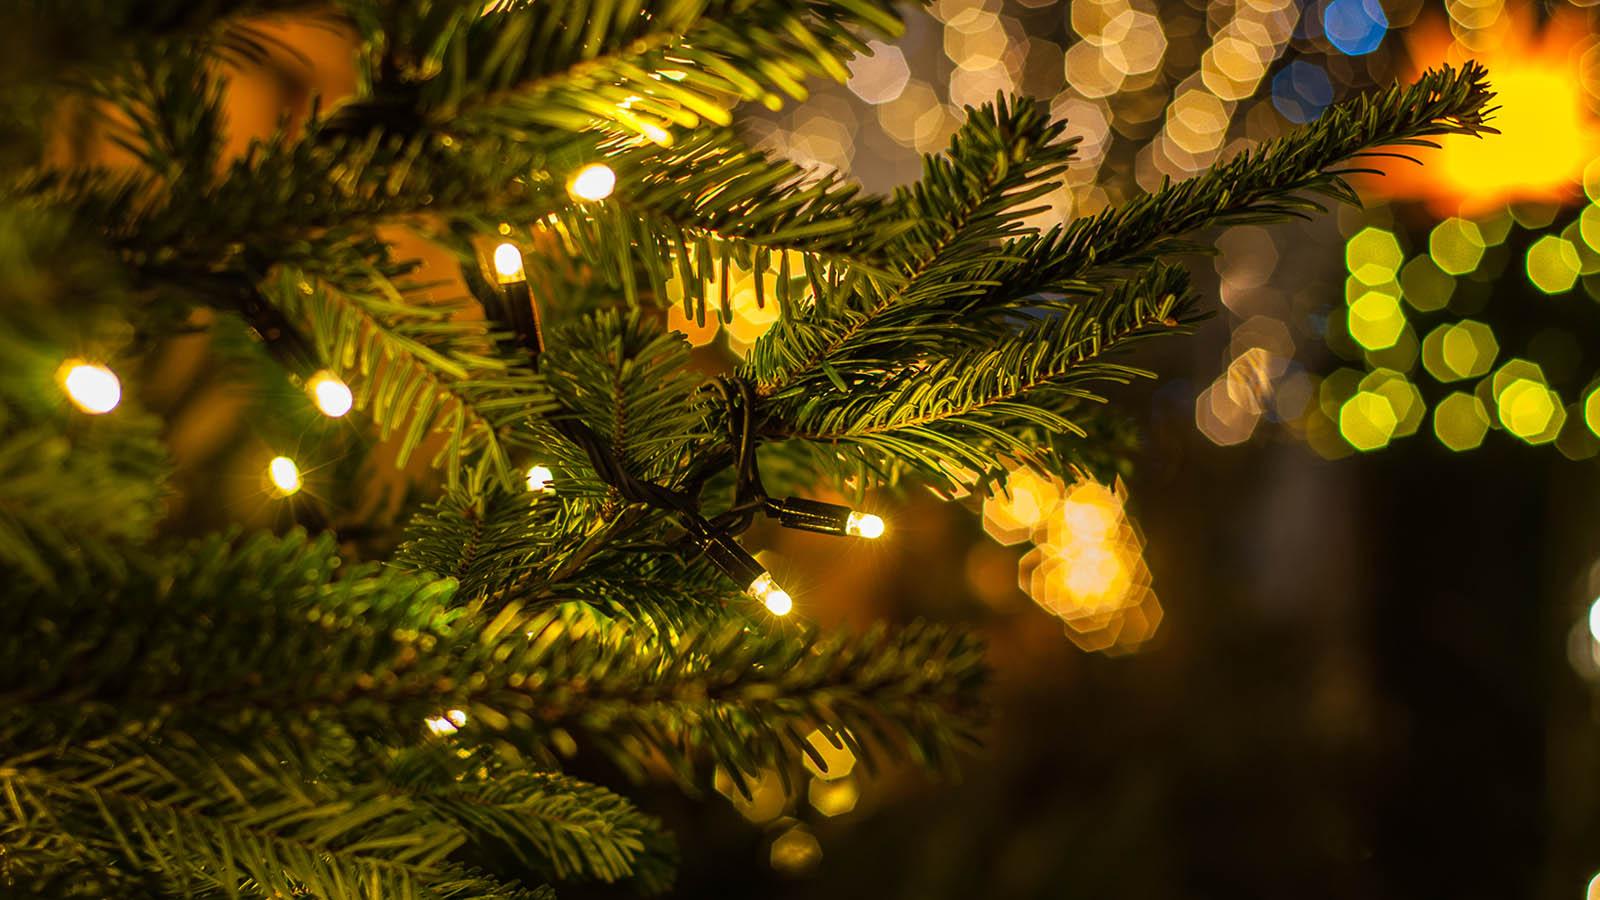 Albero Di Natale Hd.Come Scegliere Le Luci 10 Consigli Per Un Natale Sicuro Altroconsumo